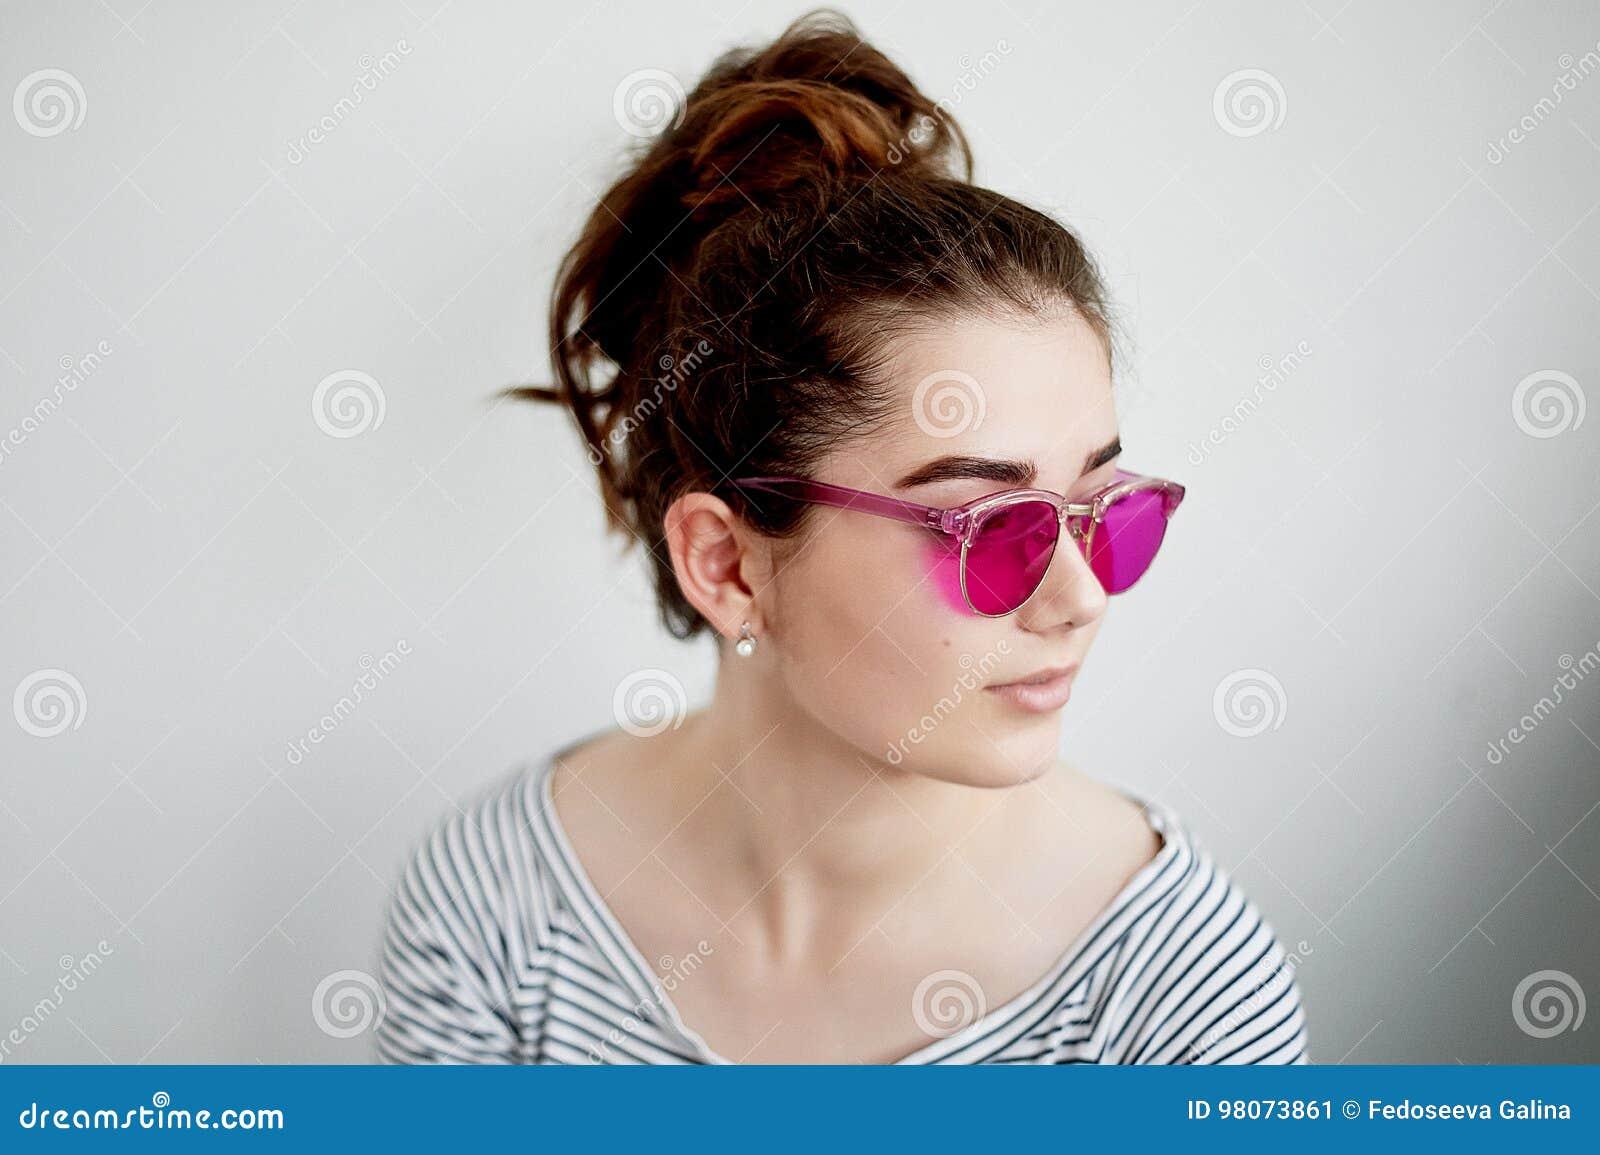 Das Mädchen lächelt glücklich in den rosa Gläsern Eine naive Ansicht der Welt im Übergang zum Erwachsensein